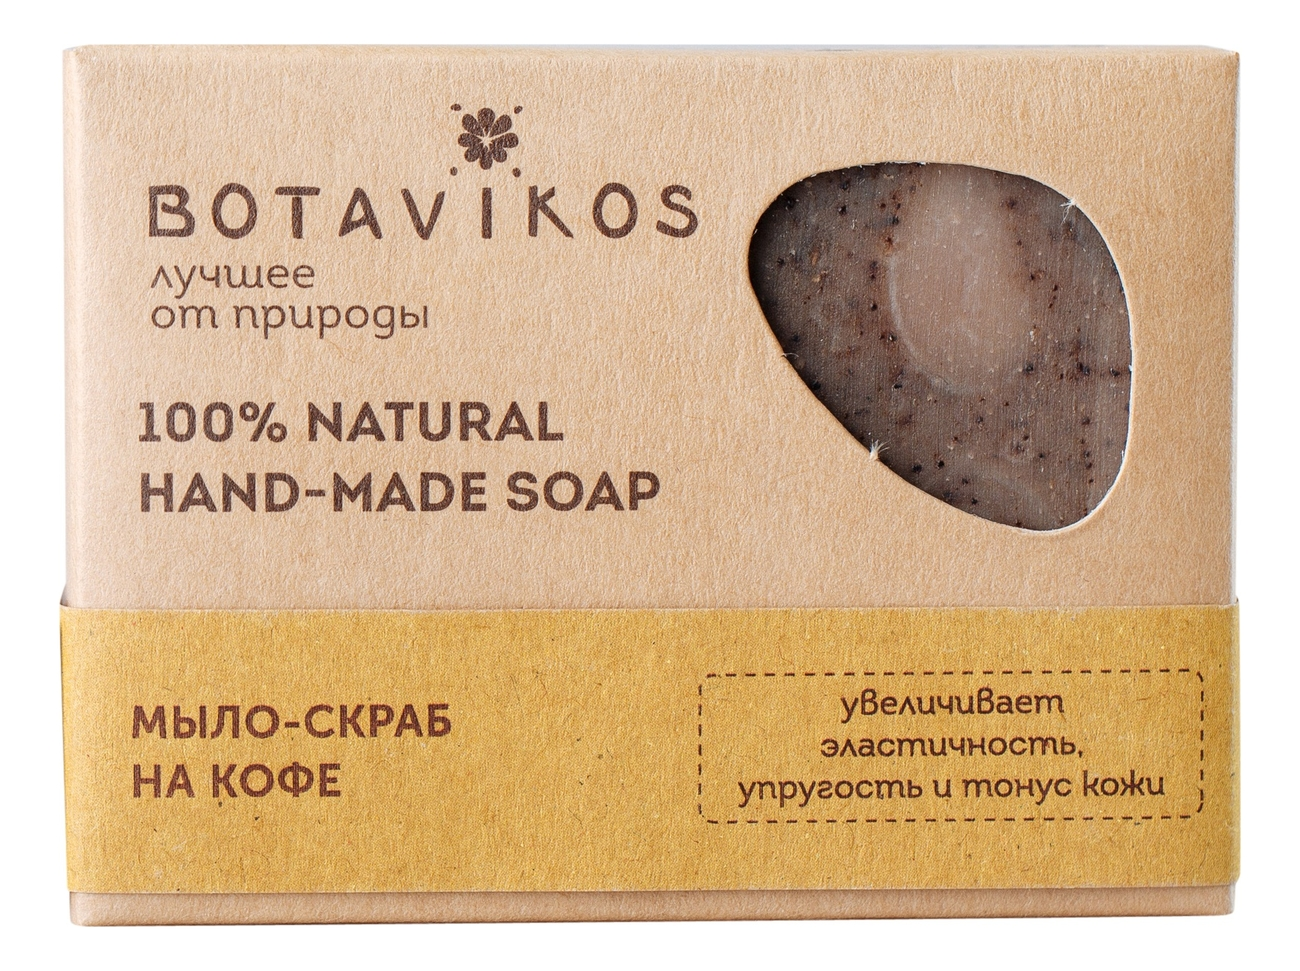 Натуральное мыло-скраб ручной работы 100% Natural Hand-Made Soap 100г (кофе)